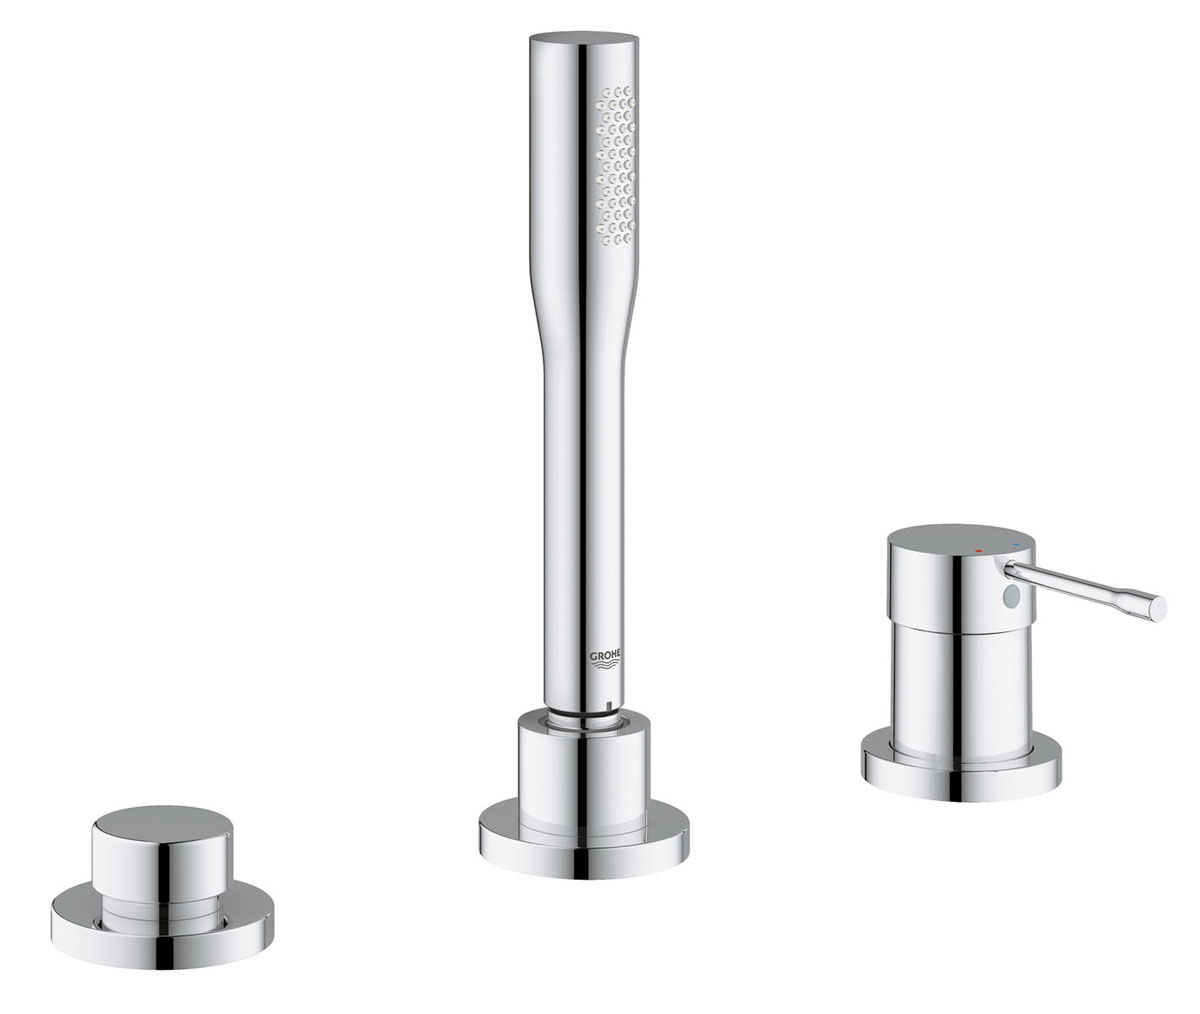 Смеситель для ванны Grohe Essence+, на 3 отверстия, с душевым гарнитуром68/5/1Смеситель для ванны Grohe Essence+ оснащен одной рукоятью для регулировки напора воды. Монтаж данной модели производиться на три отверстия. Для установки смесителя на бору ванны заранее вырезаются отверстия для установки. Модель монтируется на гайке, нижняя часть корпуса смесителя вставляется в отверстие для монтажа и с обратной стороны притягивается гайкой для фиксации. Выполнен в современном стиле, необычная модель с явно выраженным дизайнерским исполнением. Материал корпуса латунь - это надежный материал высокого качества, который обеспечивает идеальное нанесение хромированного покрытия. Модель традиционной округлой формы. Данная модель не оснащена изливом. Присоединительный размер 1/2. В комплекте инструкция по установке, гарантийный талон, душевой шланг, душевая лейка, держатель лейки, гибкая подводка.